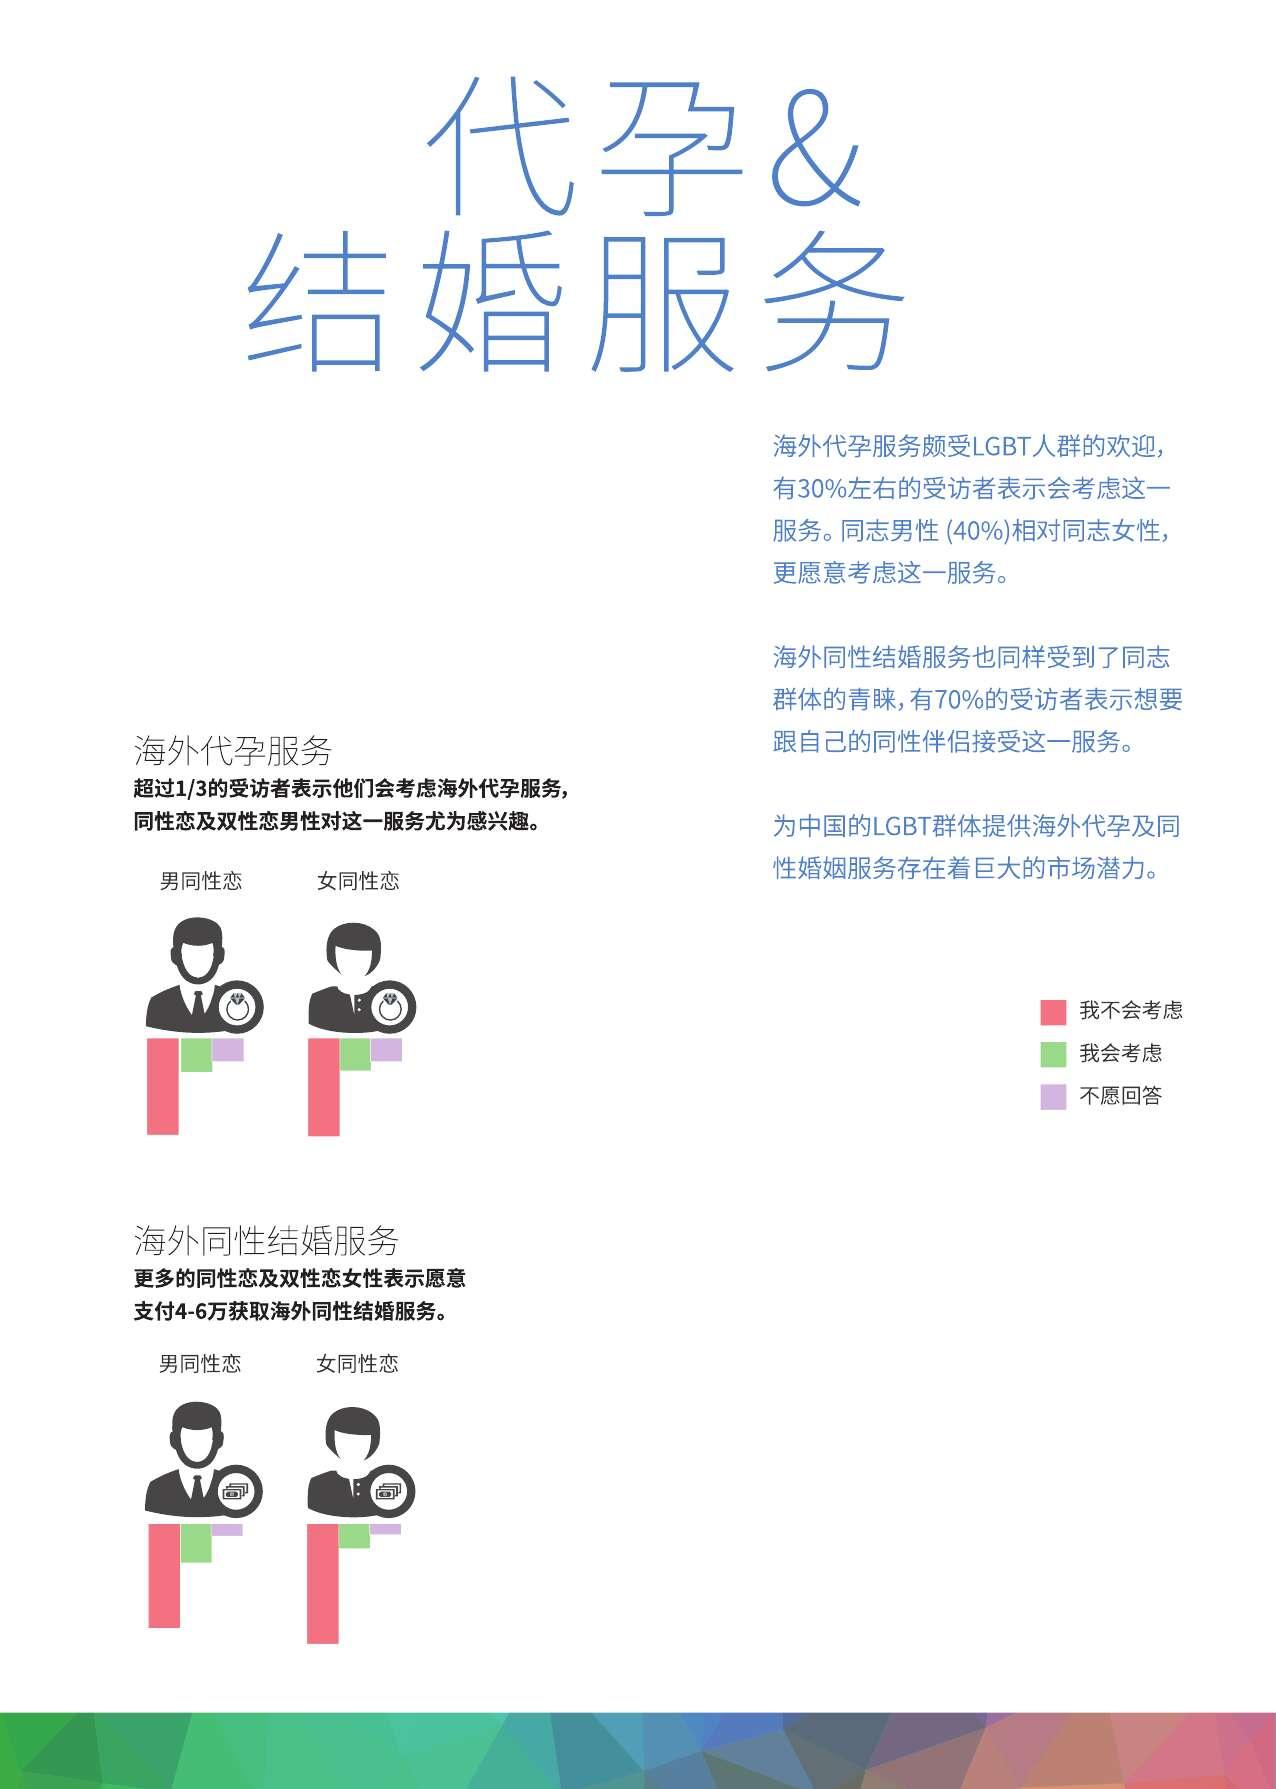 中国LGBT群体生活消费调查报告_000021